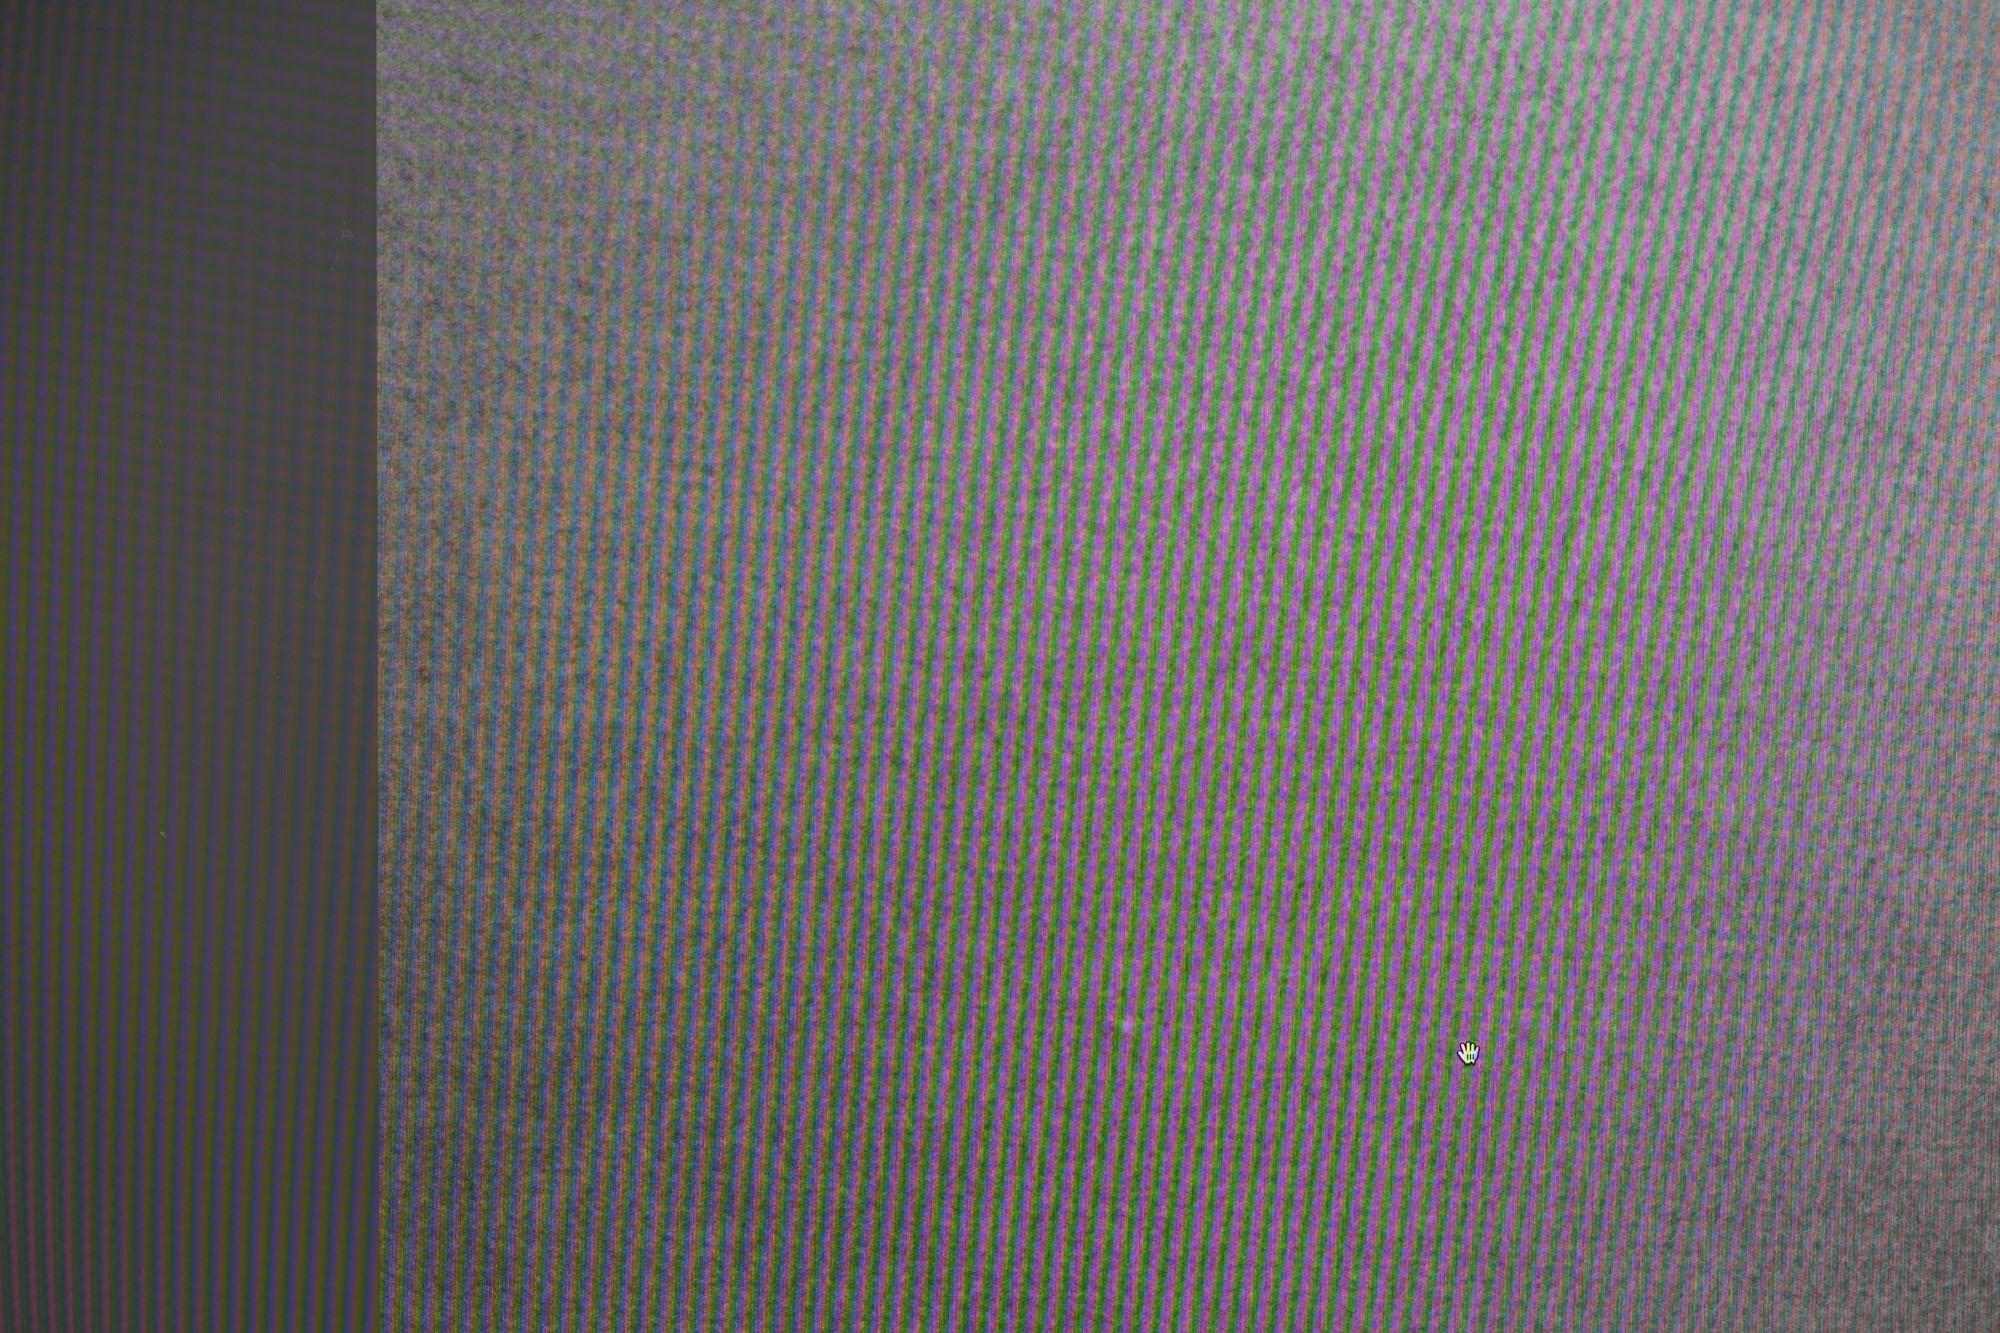 RRodner_transfigurations-20.jpg